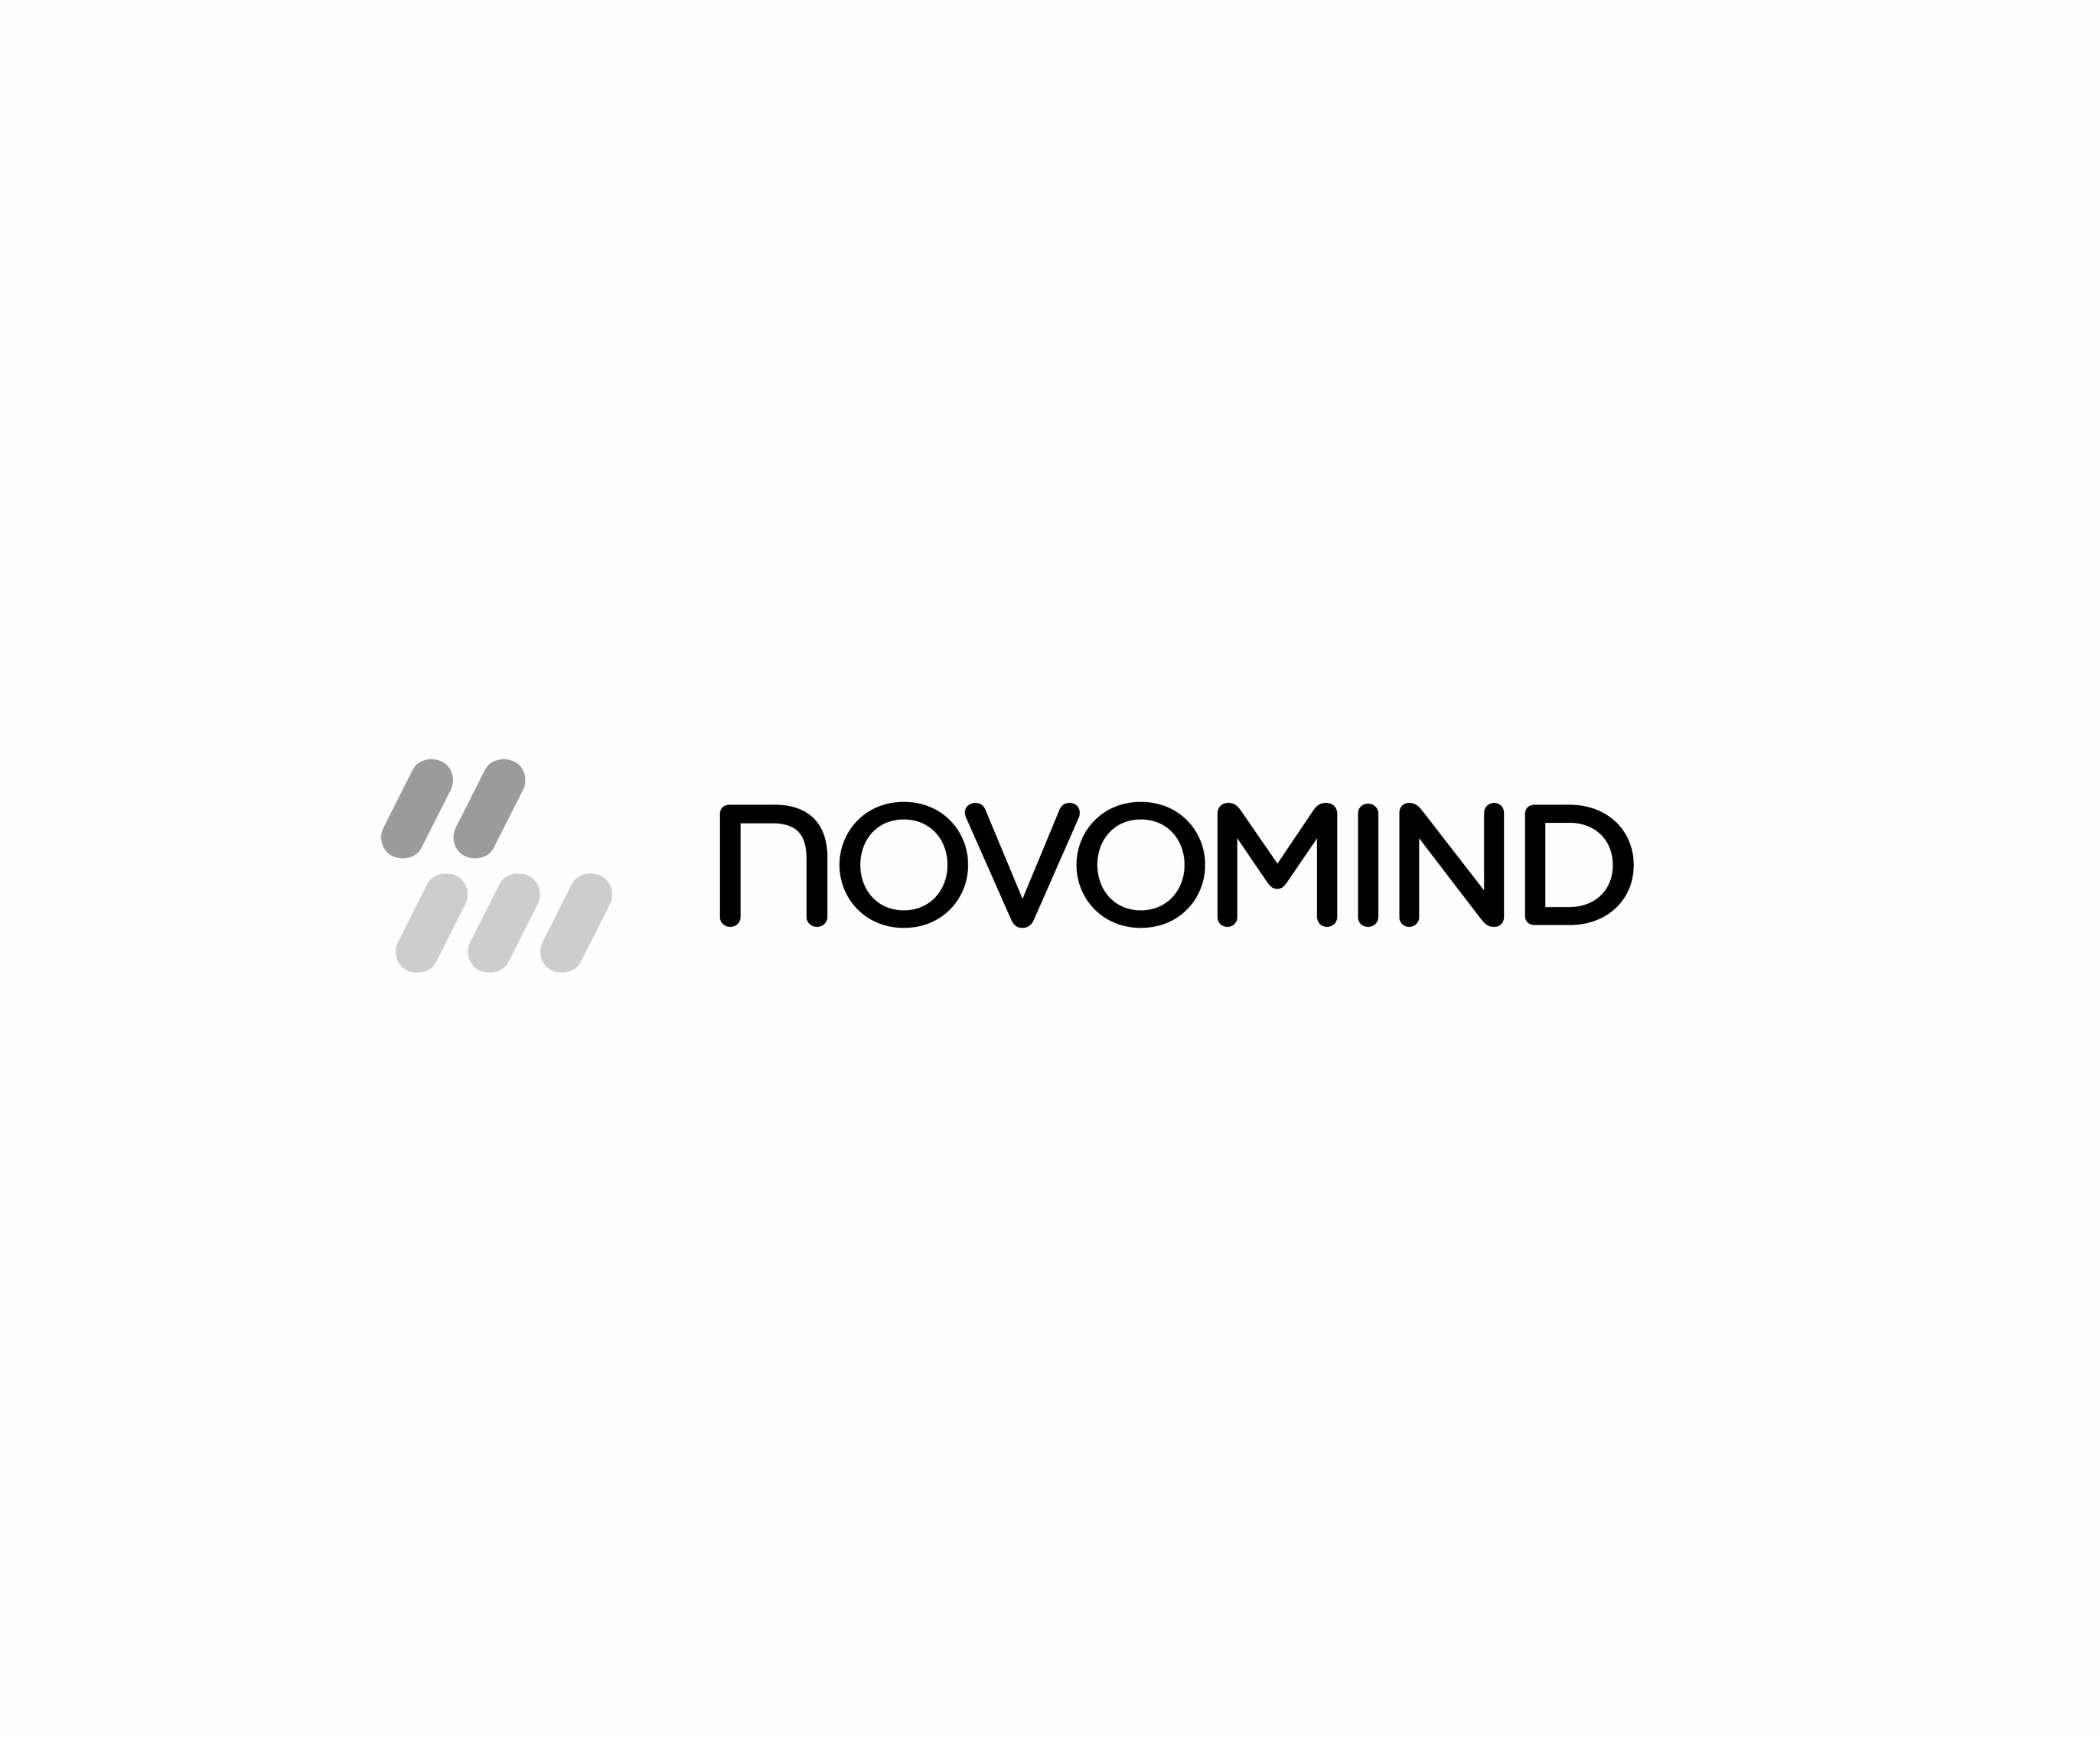 og_novomind_Logo_1800_1080_edited